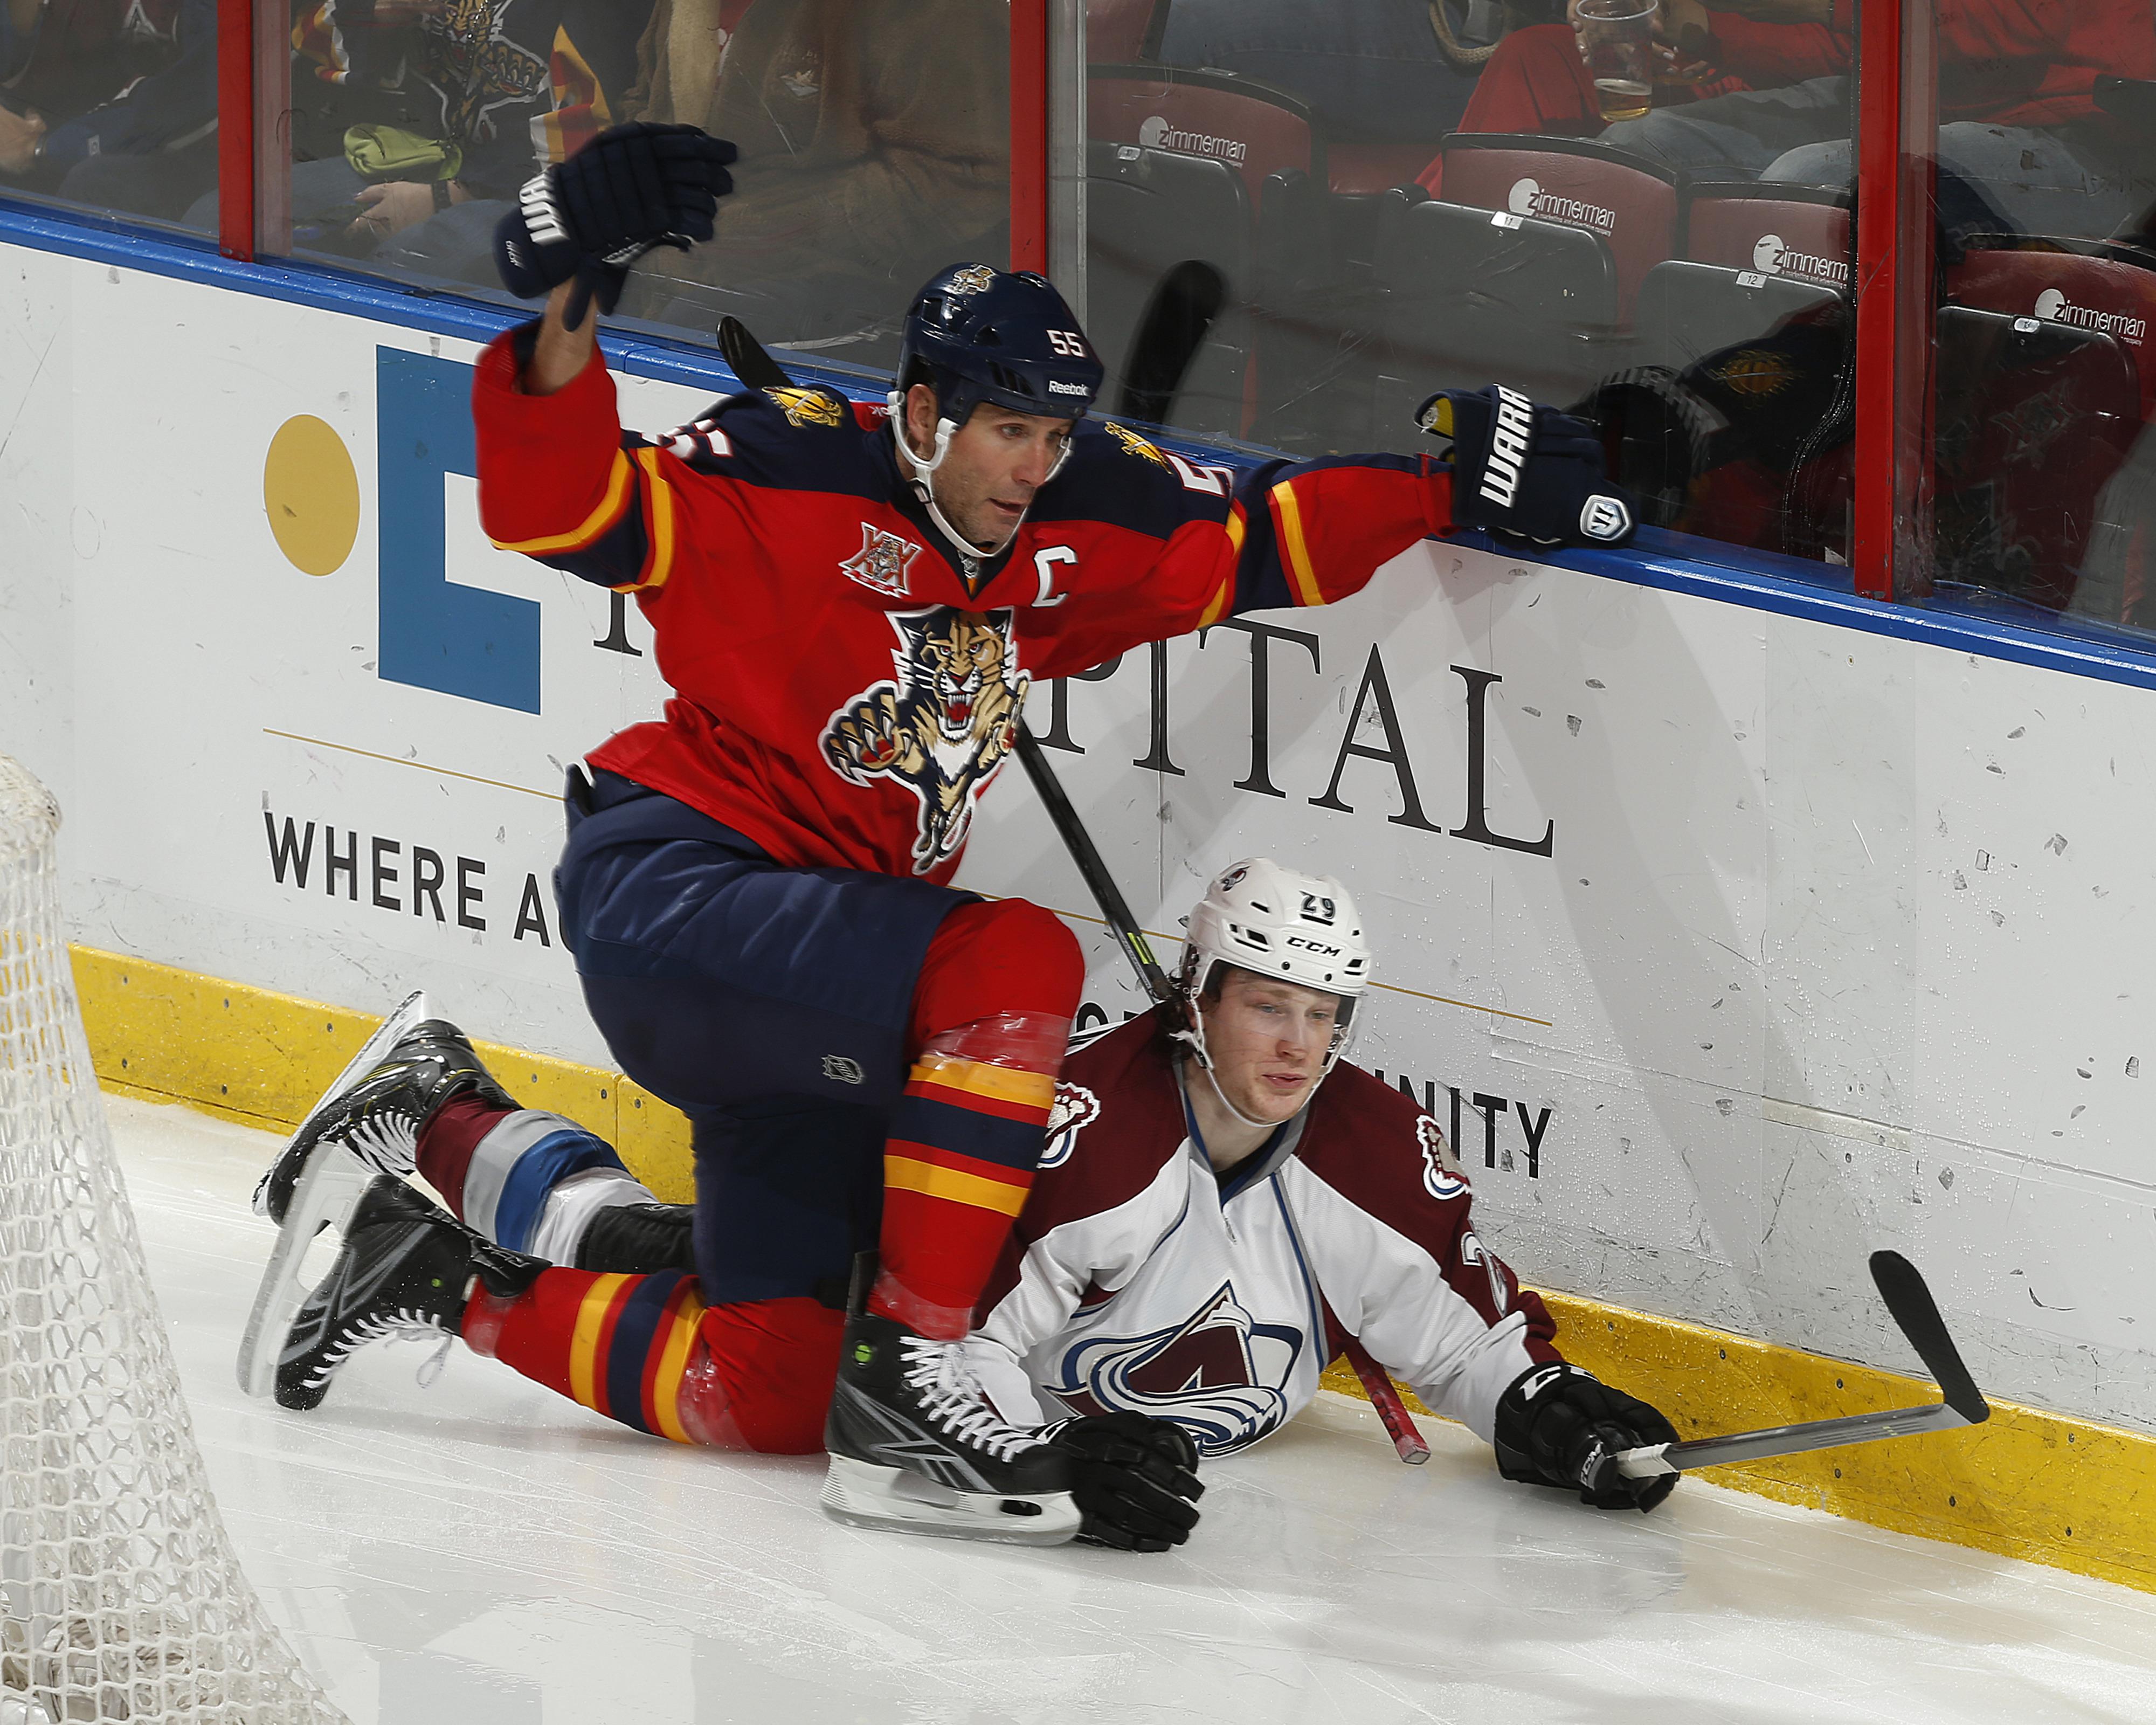 """Jovanovski: """"Where's my stick?!"""" MacKinnon: """"Here, take mine!"""""""